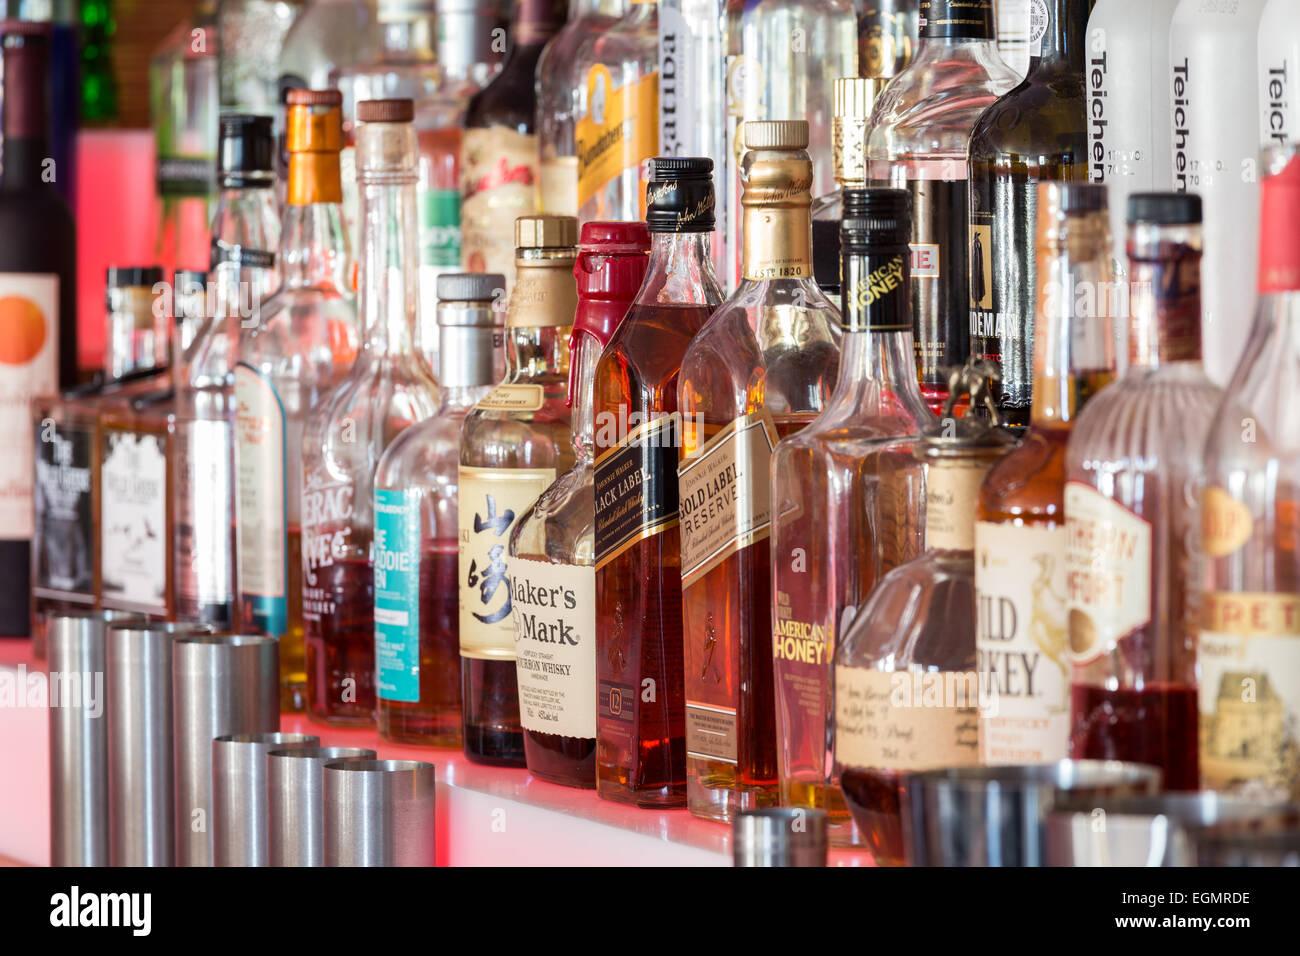 whisky bottles bar photos whisky bottles bar images alamy. Black Bedroom Furniture Sets. Home Design Ideas